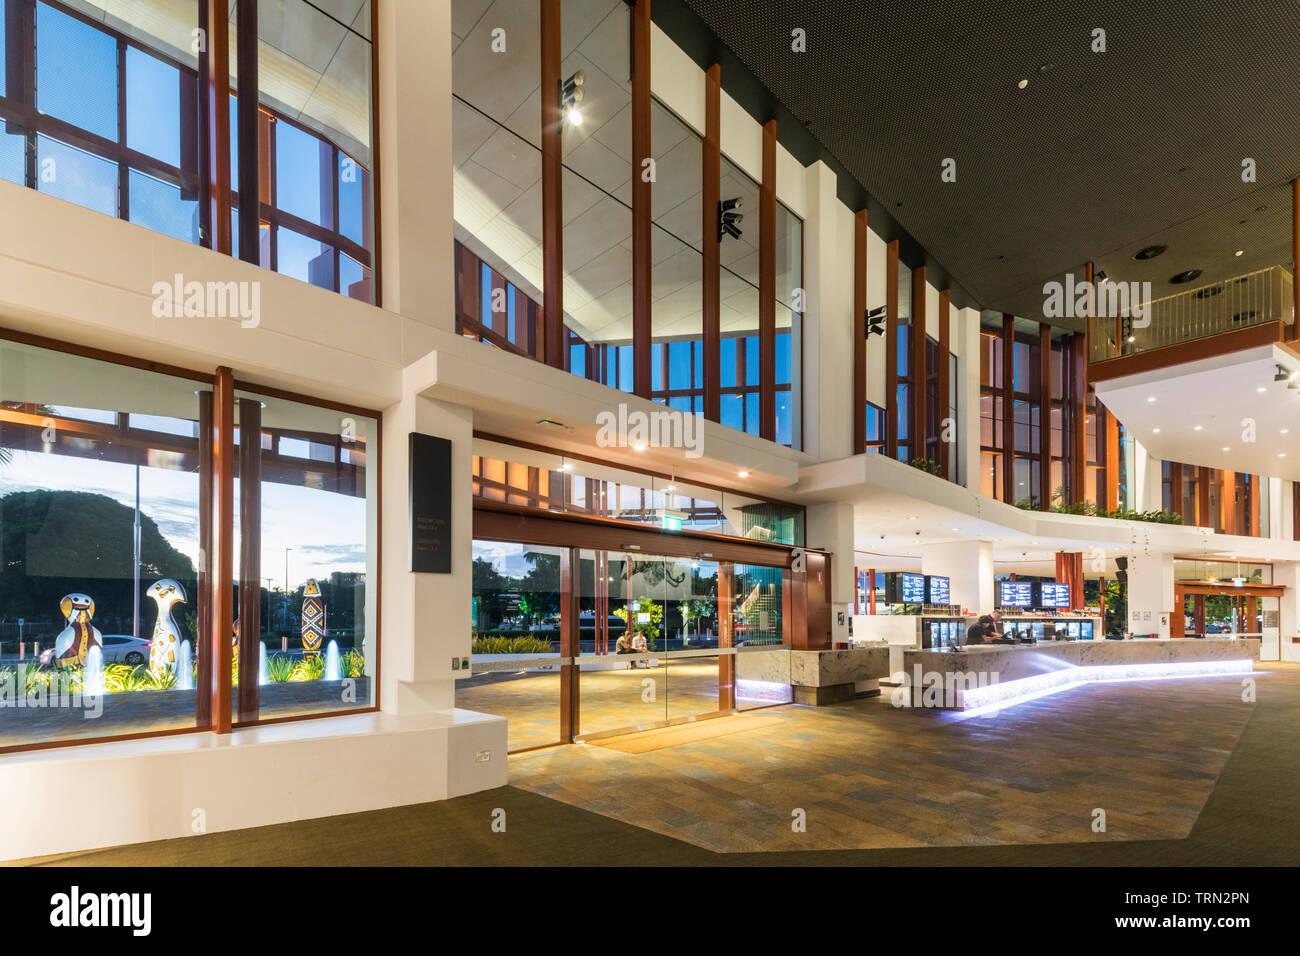 Le foyer de la Performing Arts Centre de Cairns allumé au crépuscule, Cairns, Queensland, Australie Banque D'Images